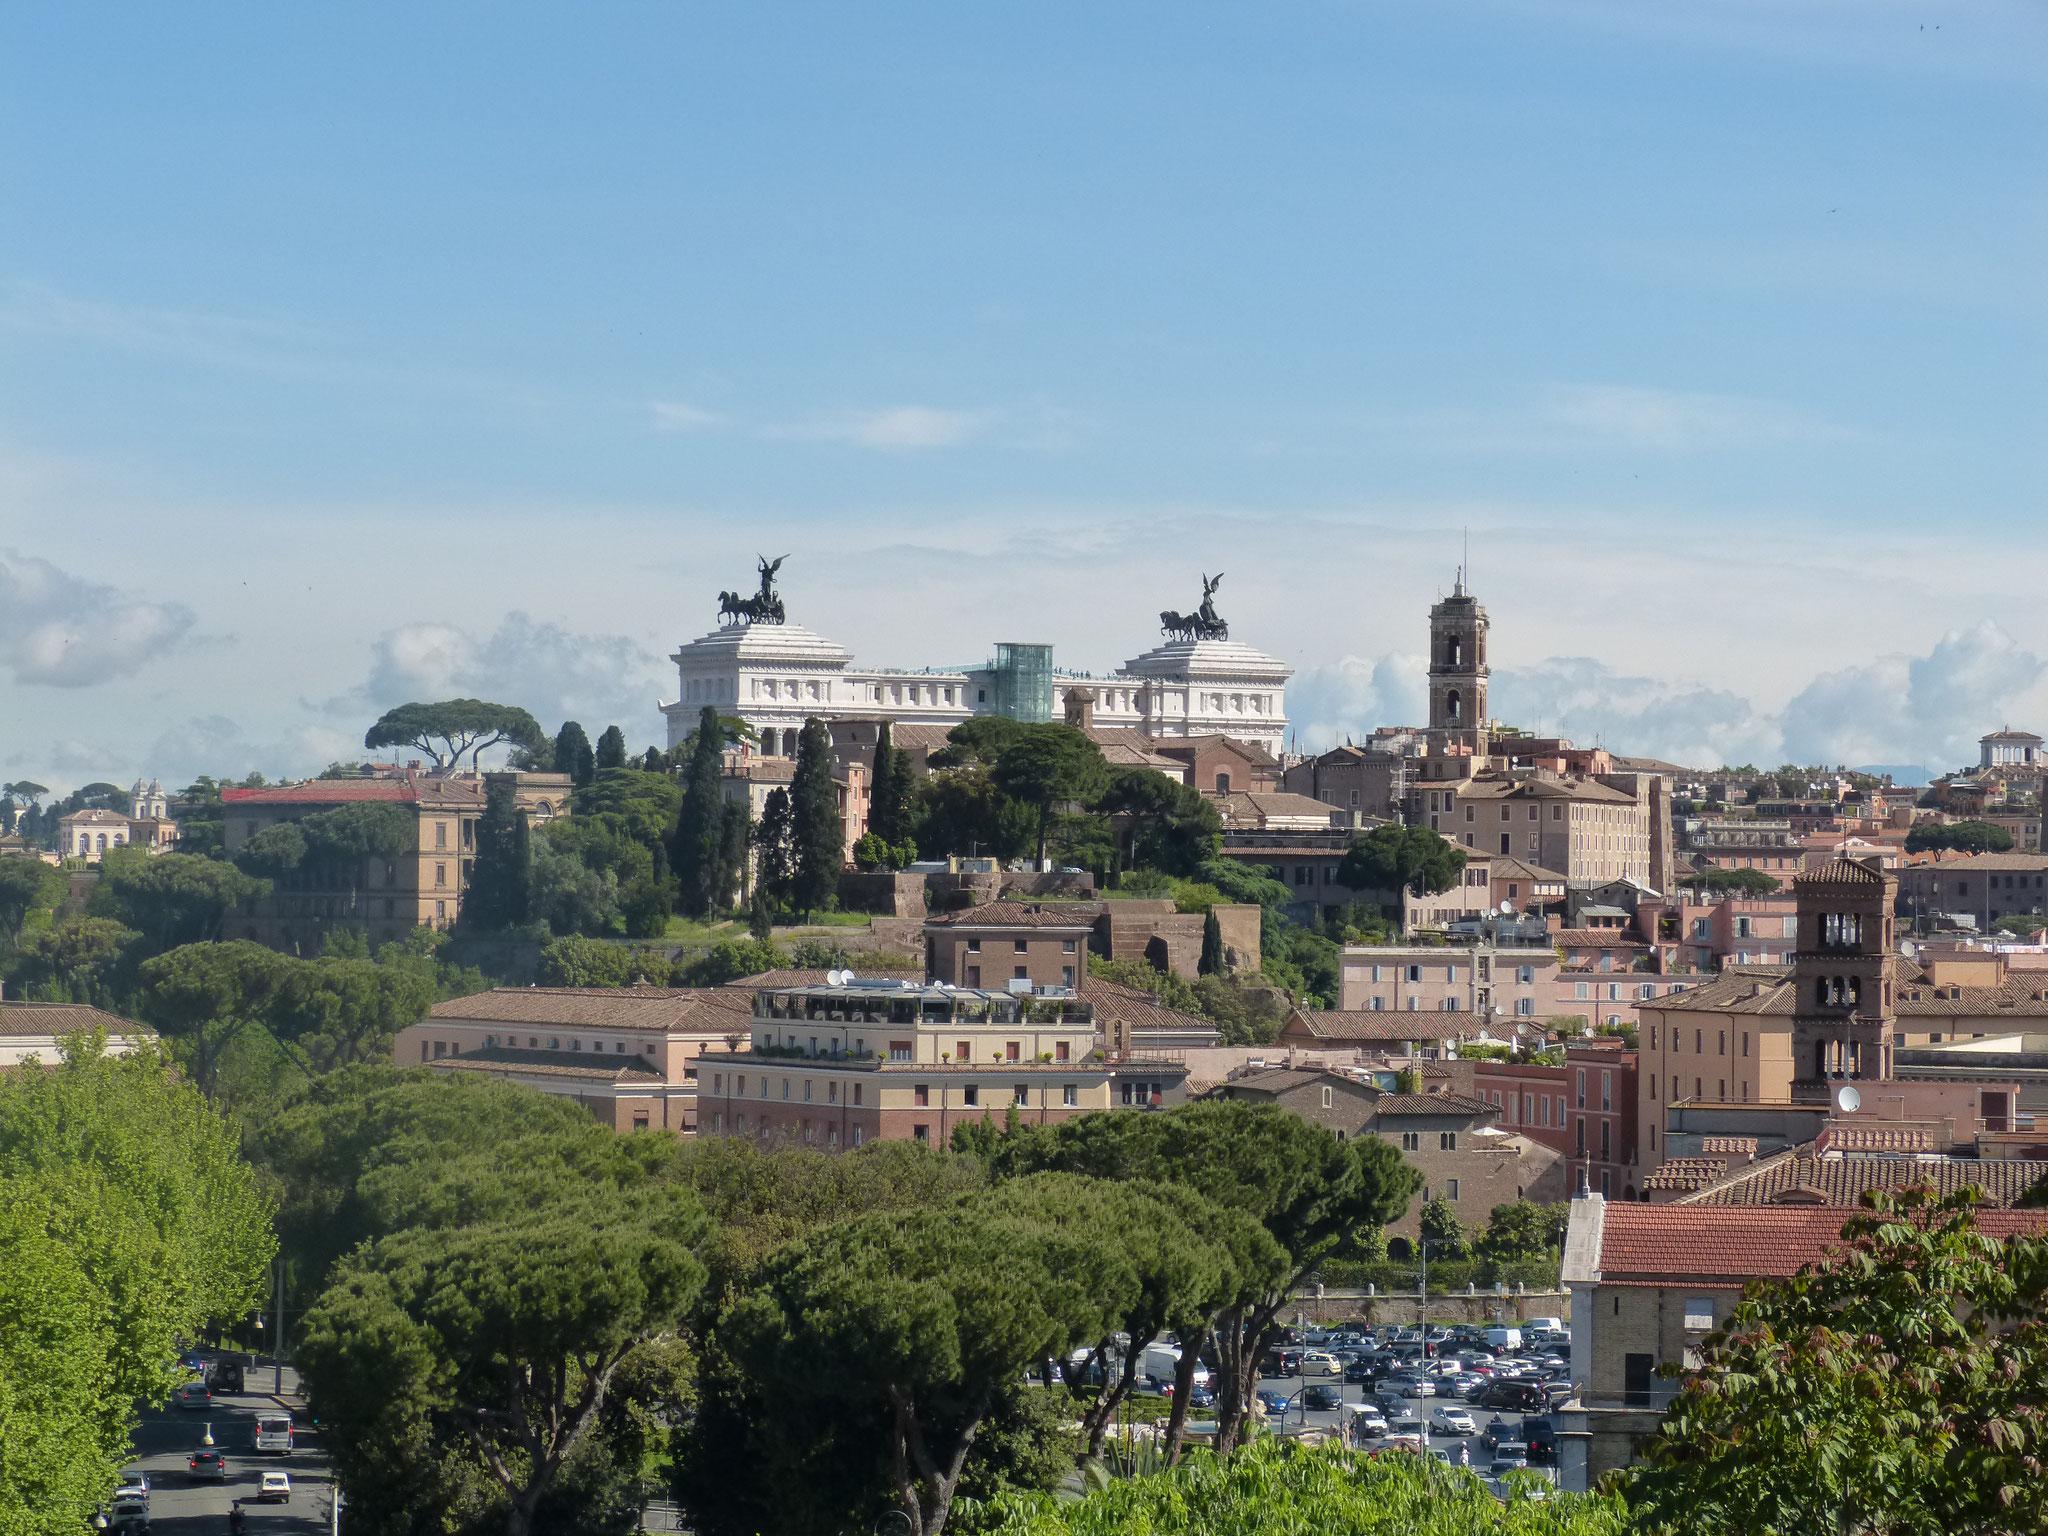 Der Blick vom Aventin auf Rom ist traumhaft schön.